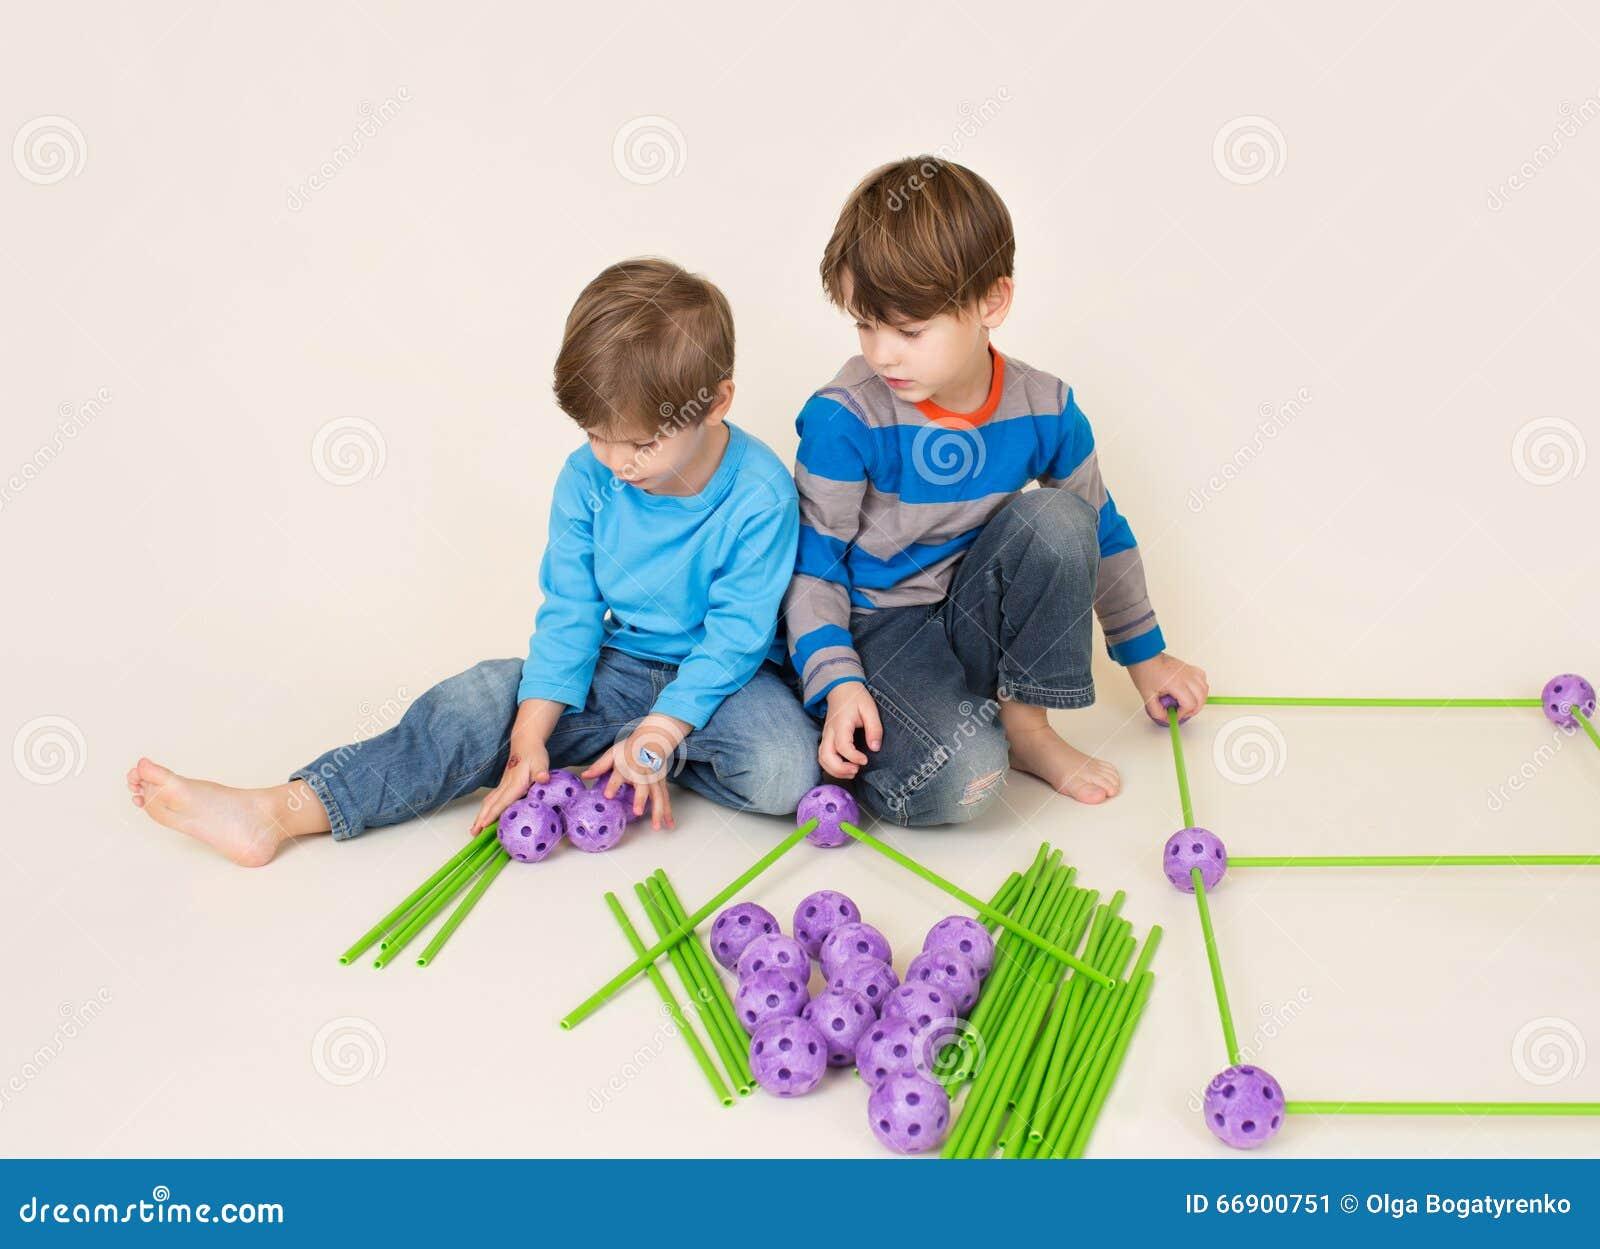 Παιδιά που χτίζουν ένα οχυρό και μια διανομή